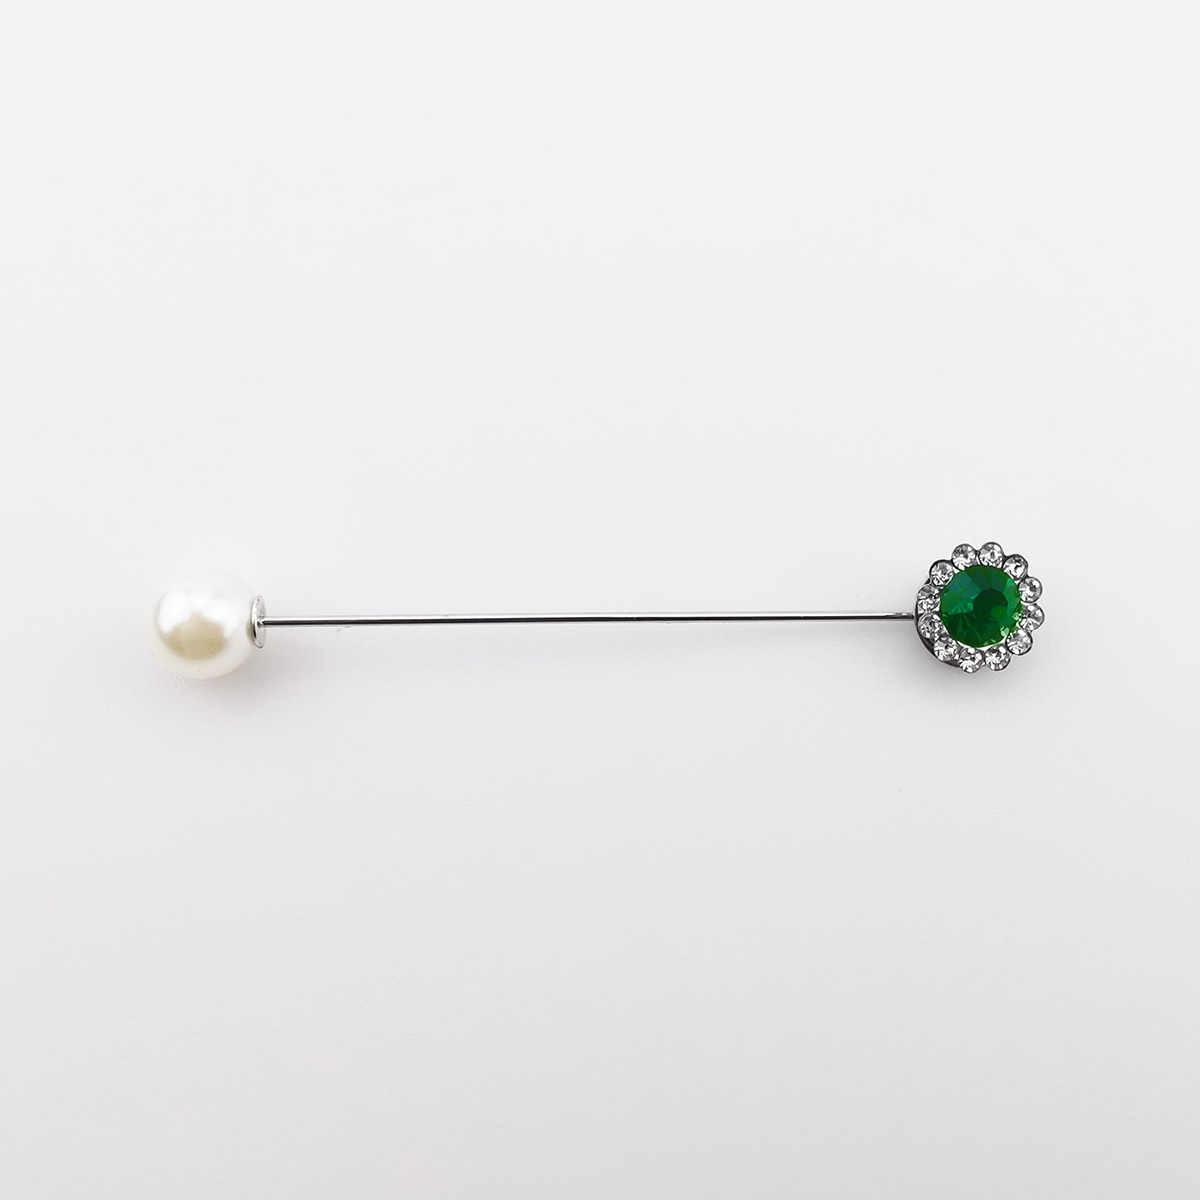 Hotel Yang Populer Di Pearl Bros Bin Permata Buatan Bros Chic Permata Perhiasan untuk Wanita Fashion Aksesoris Perhiasan Natal